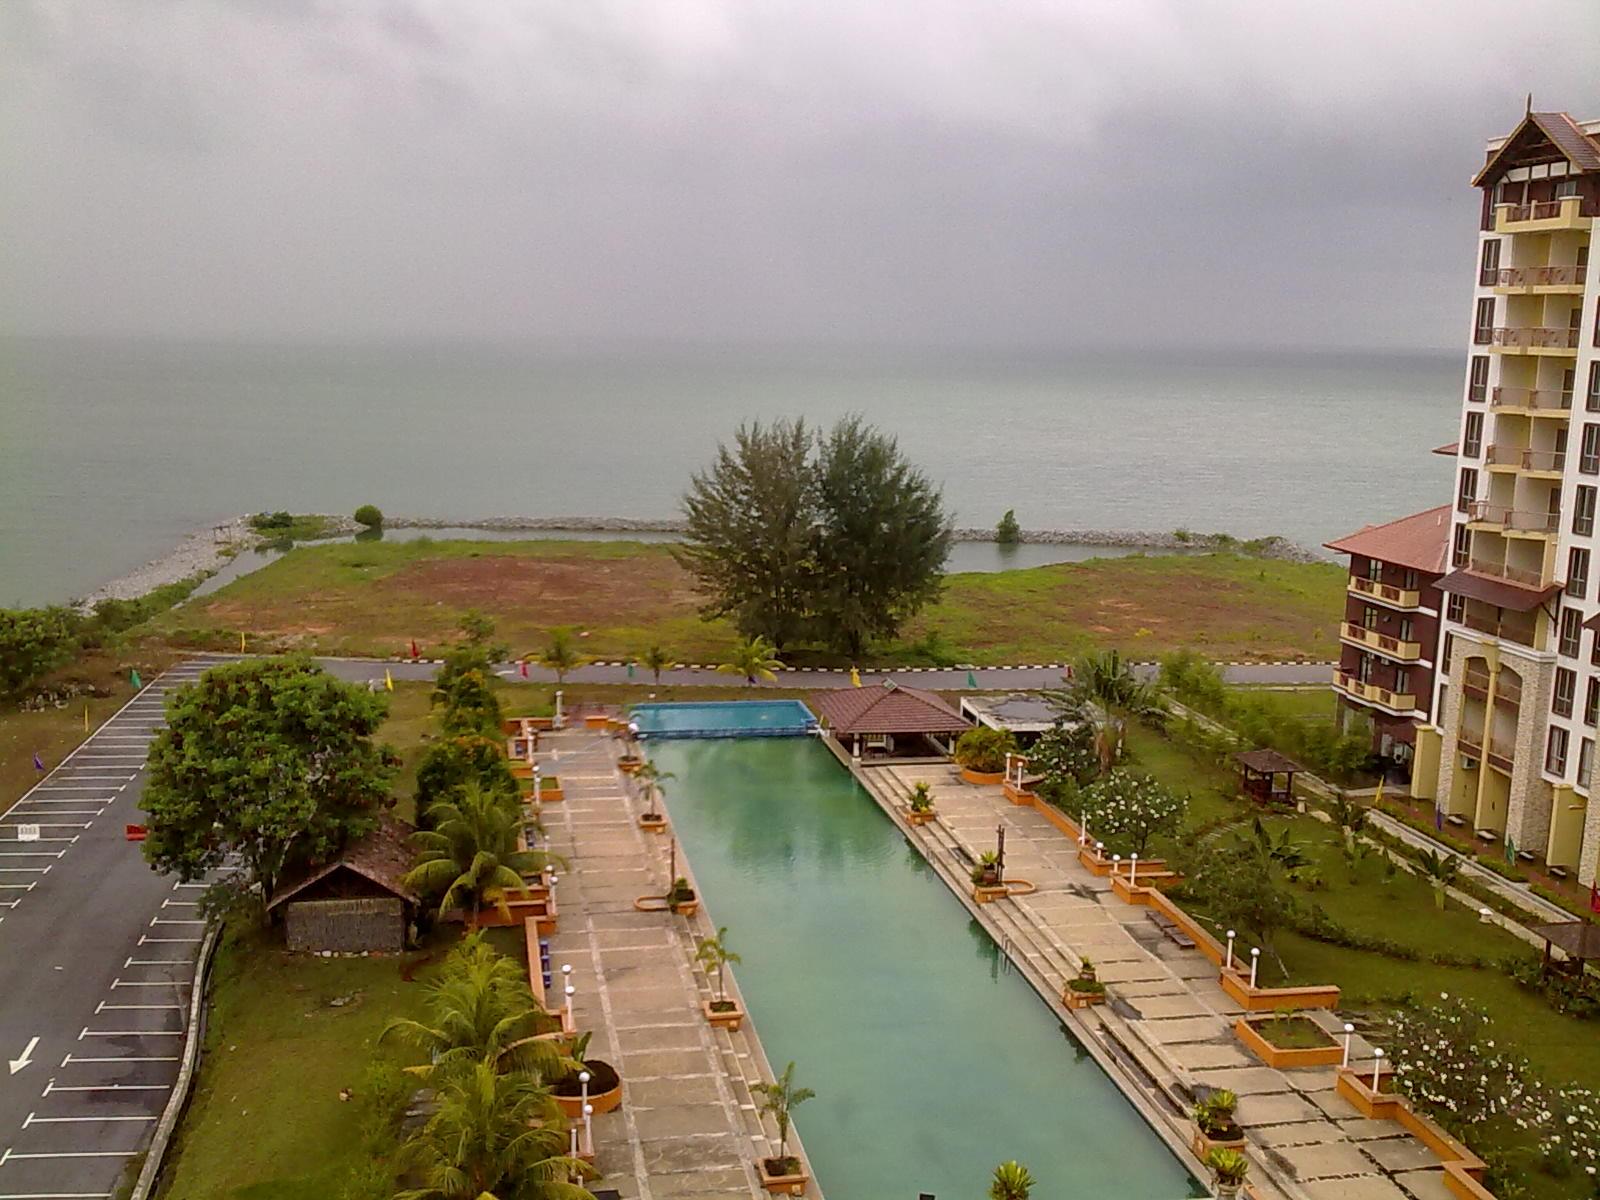 Hotel Resort For You Mayangsari Port Dickson